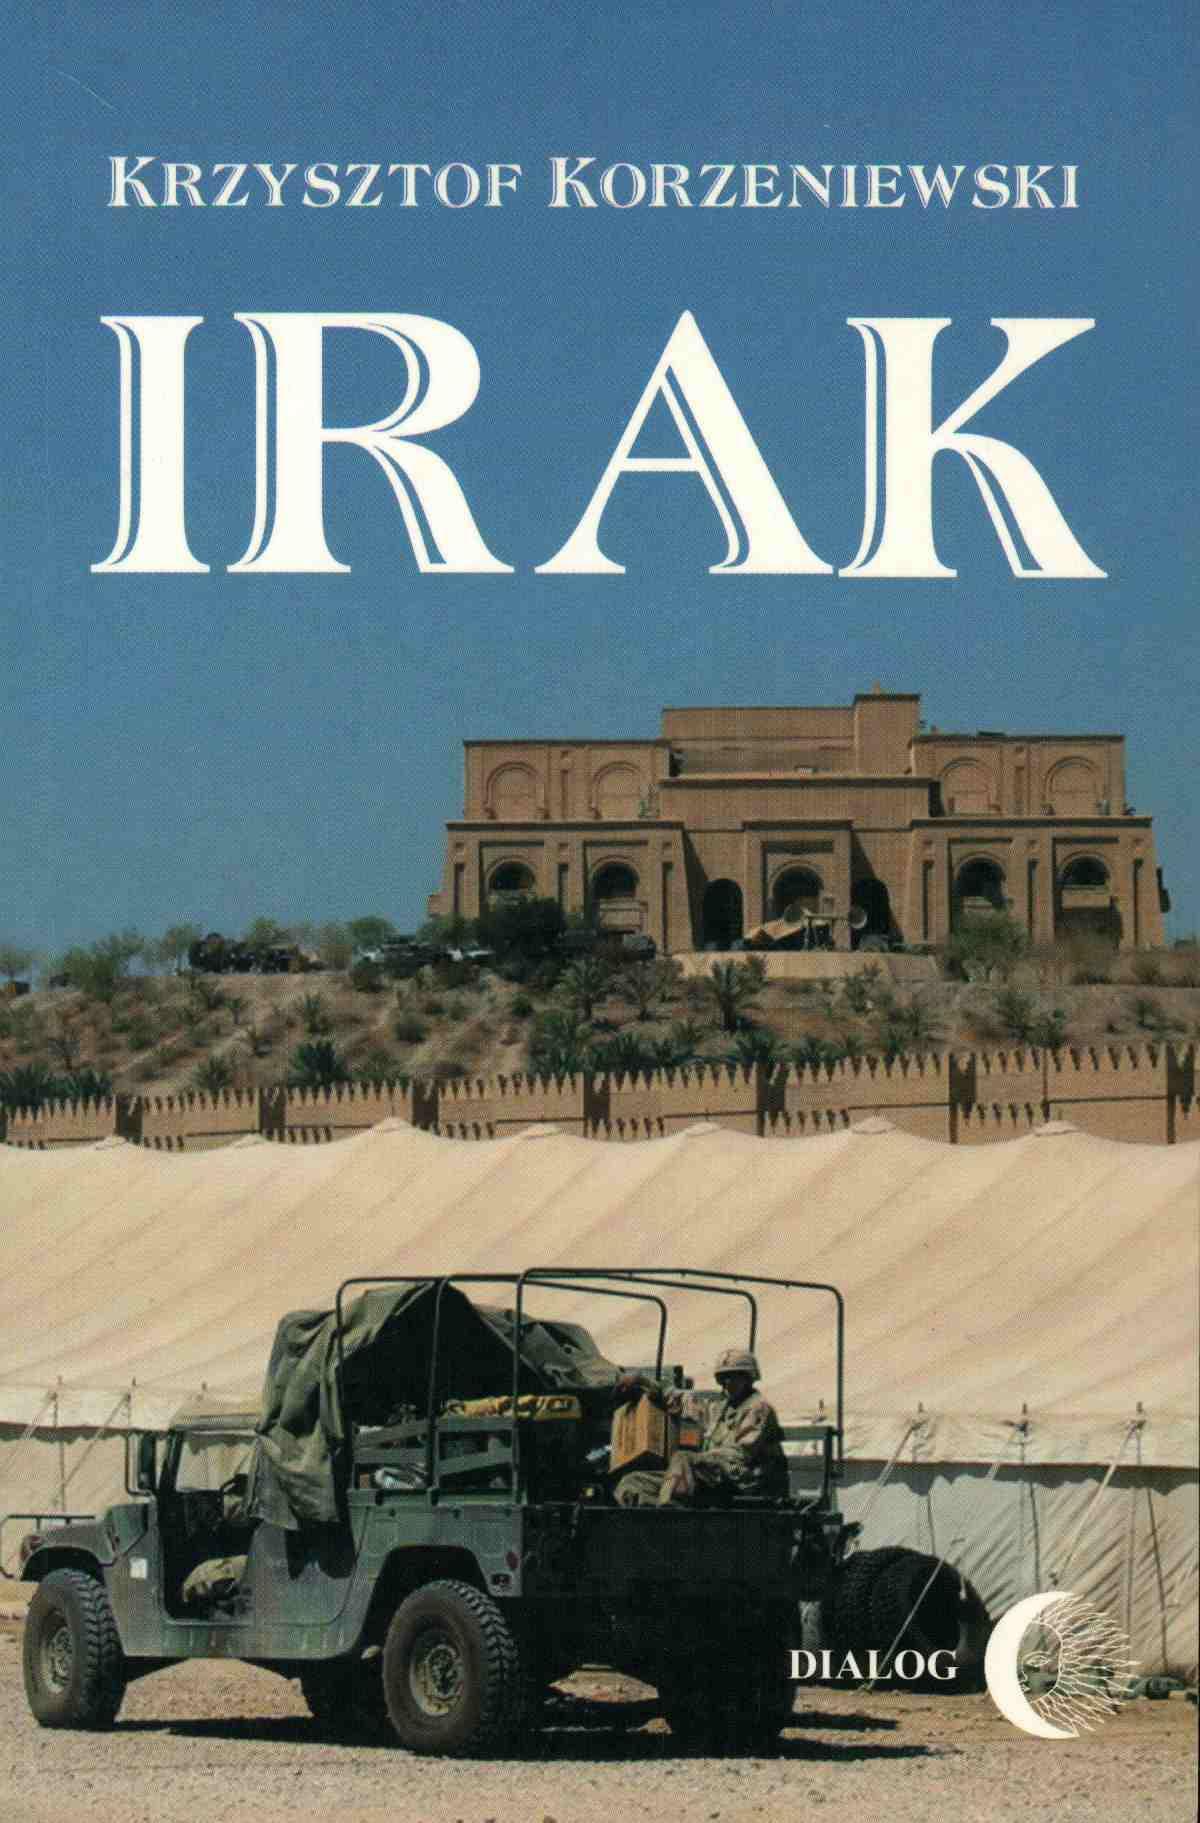 Irak - Ebook (Książka na Kindle) do pobrania w formacie MOBI